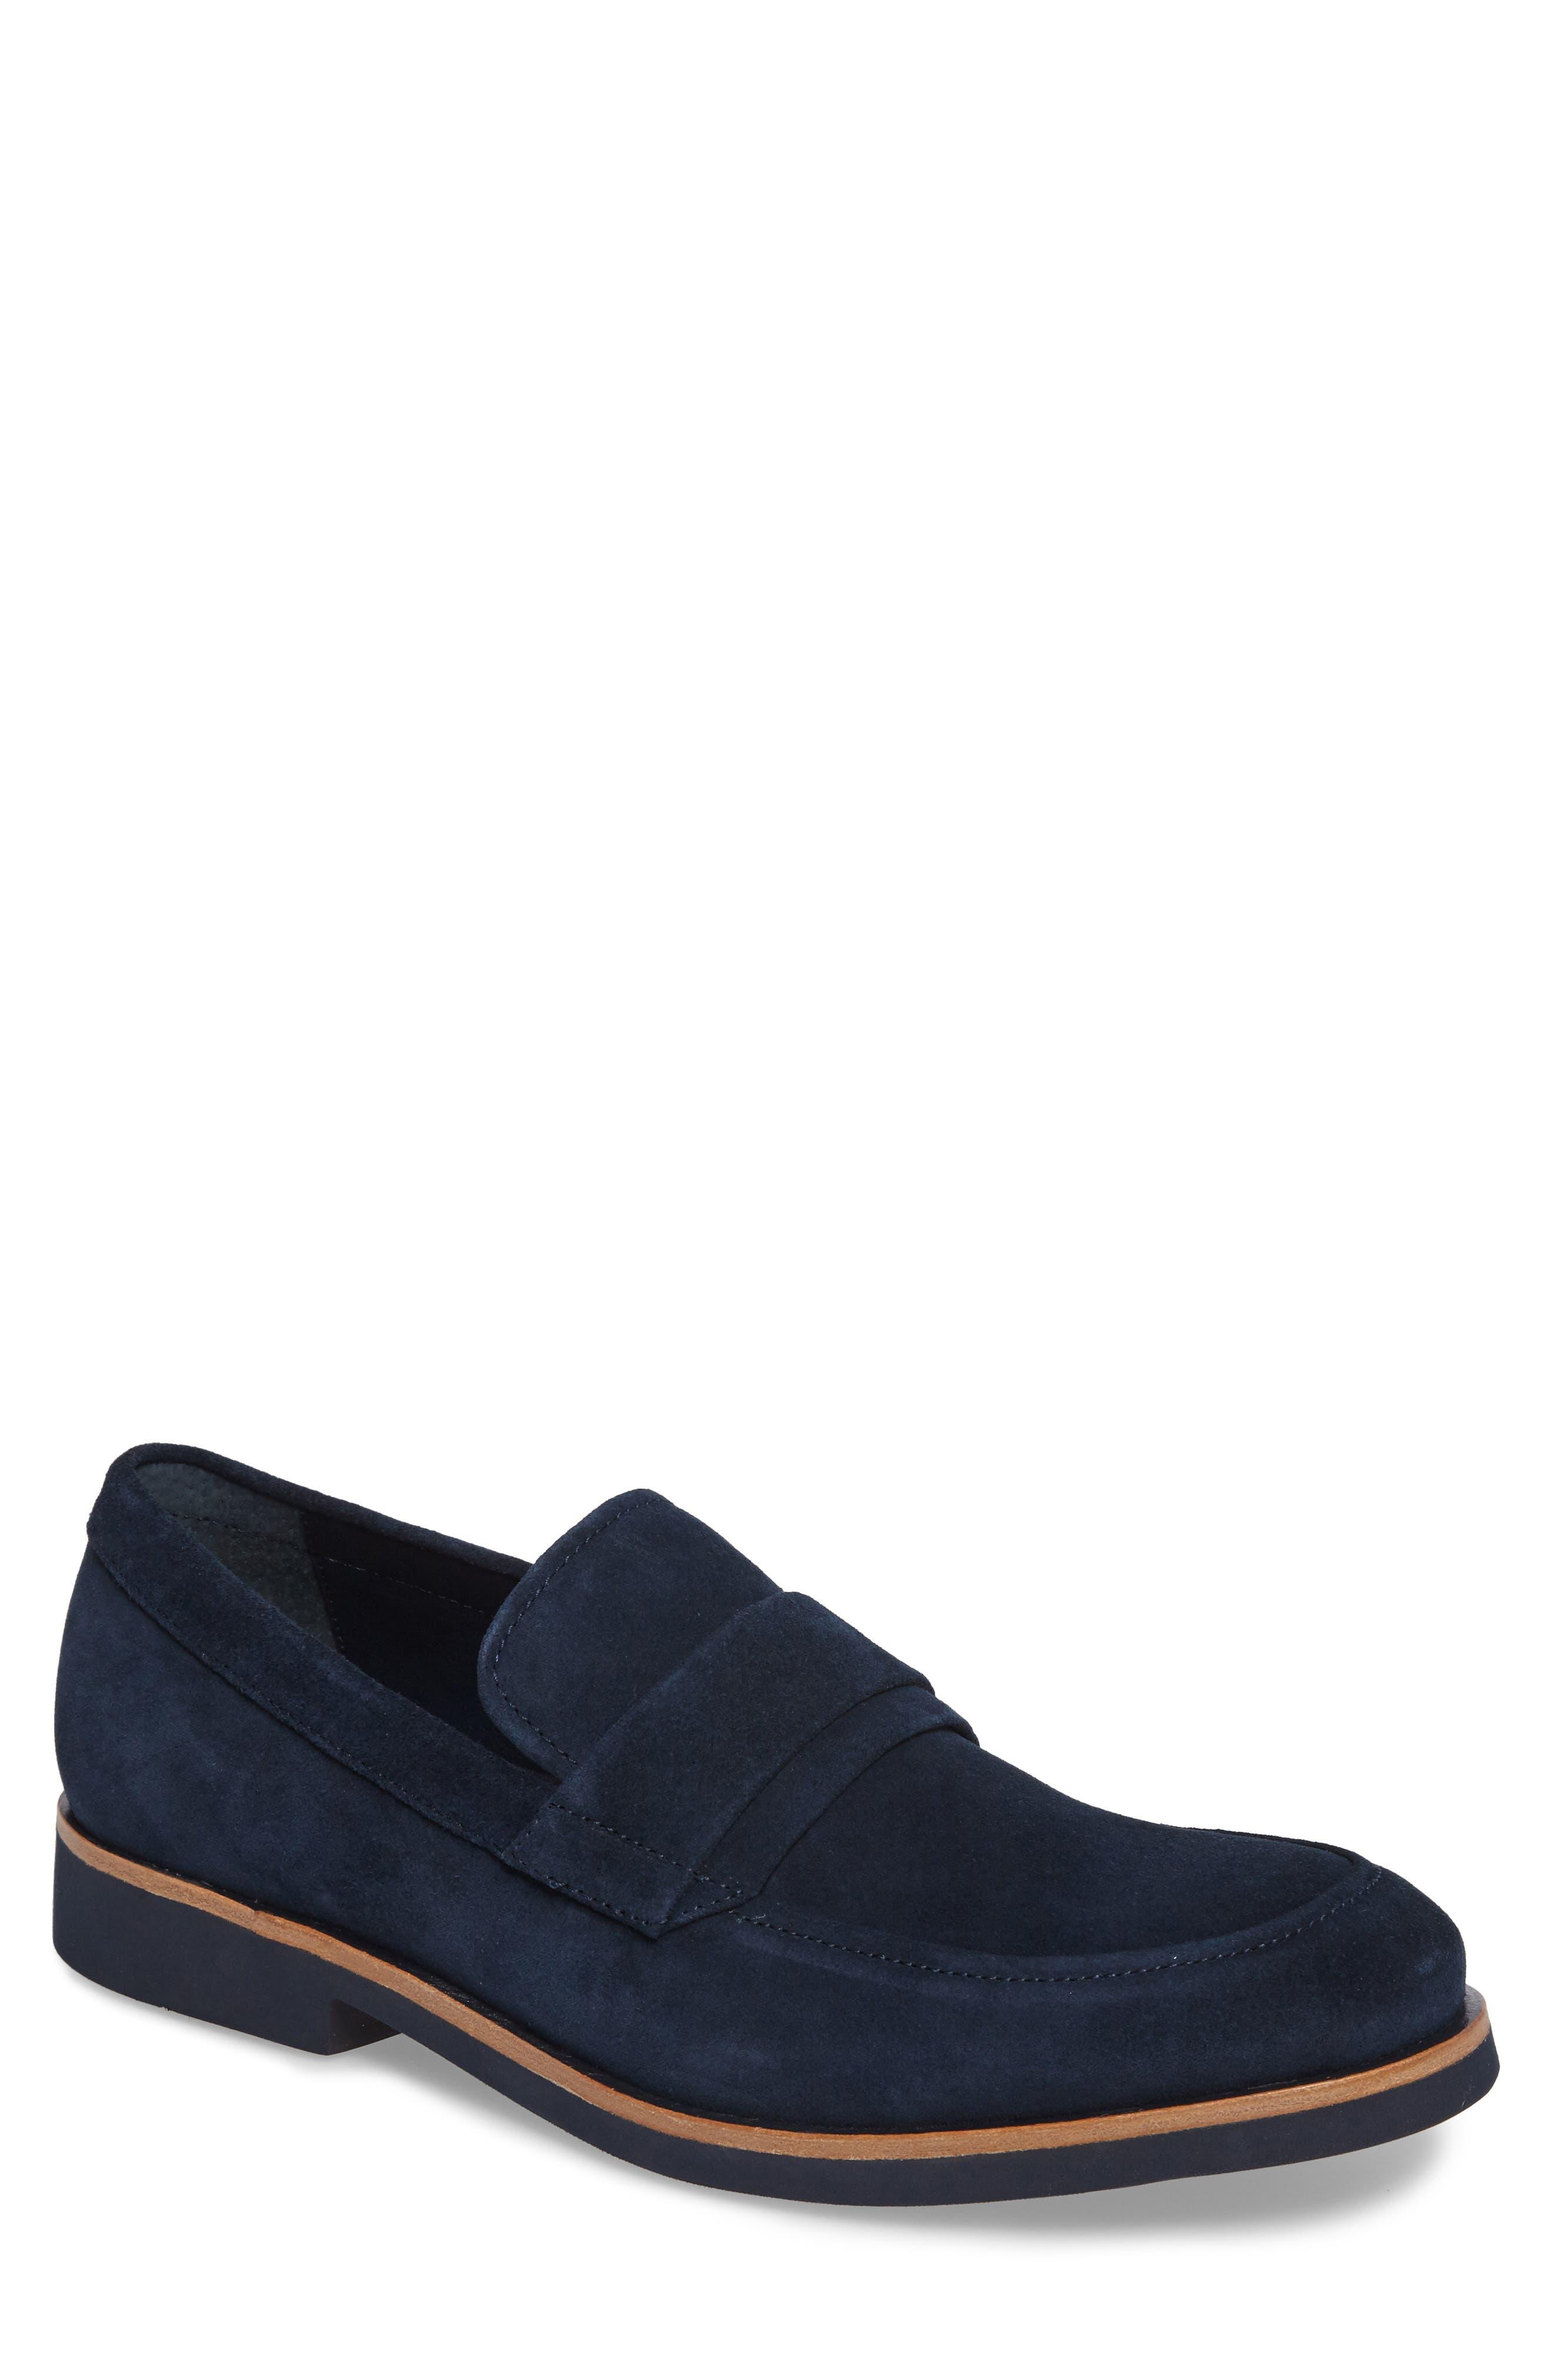 Alternate Image 1 Selected - Calvin Klein Forbes Loafer (Men)